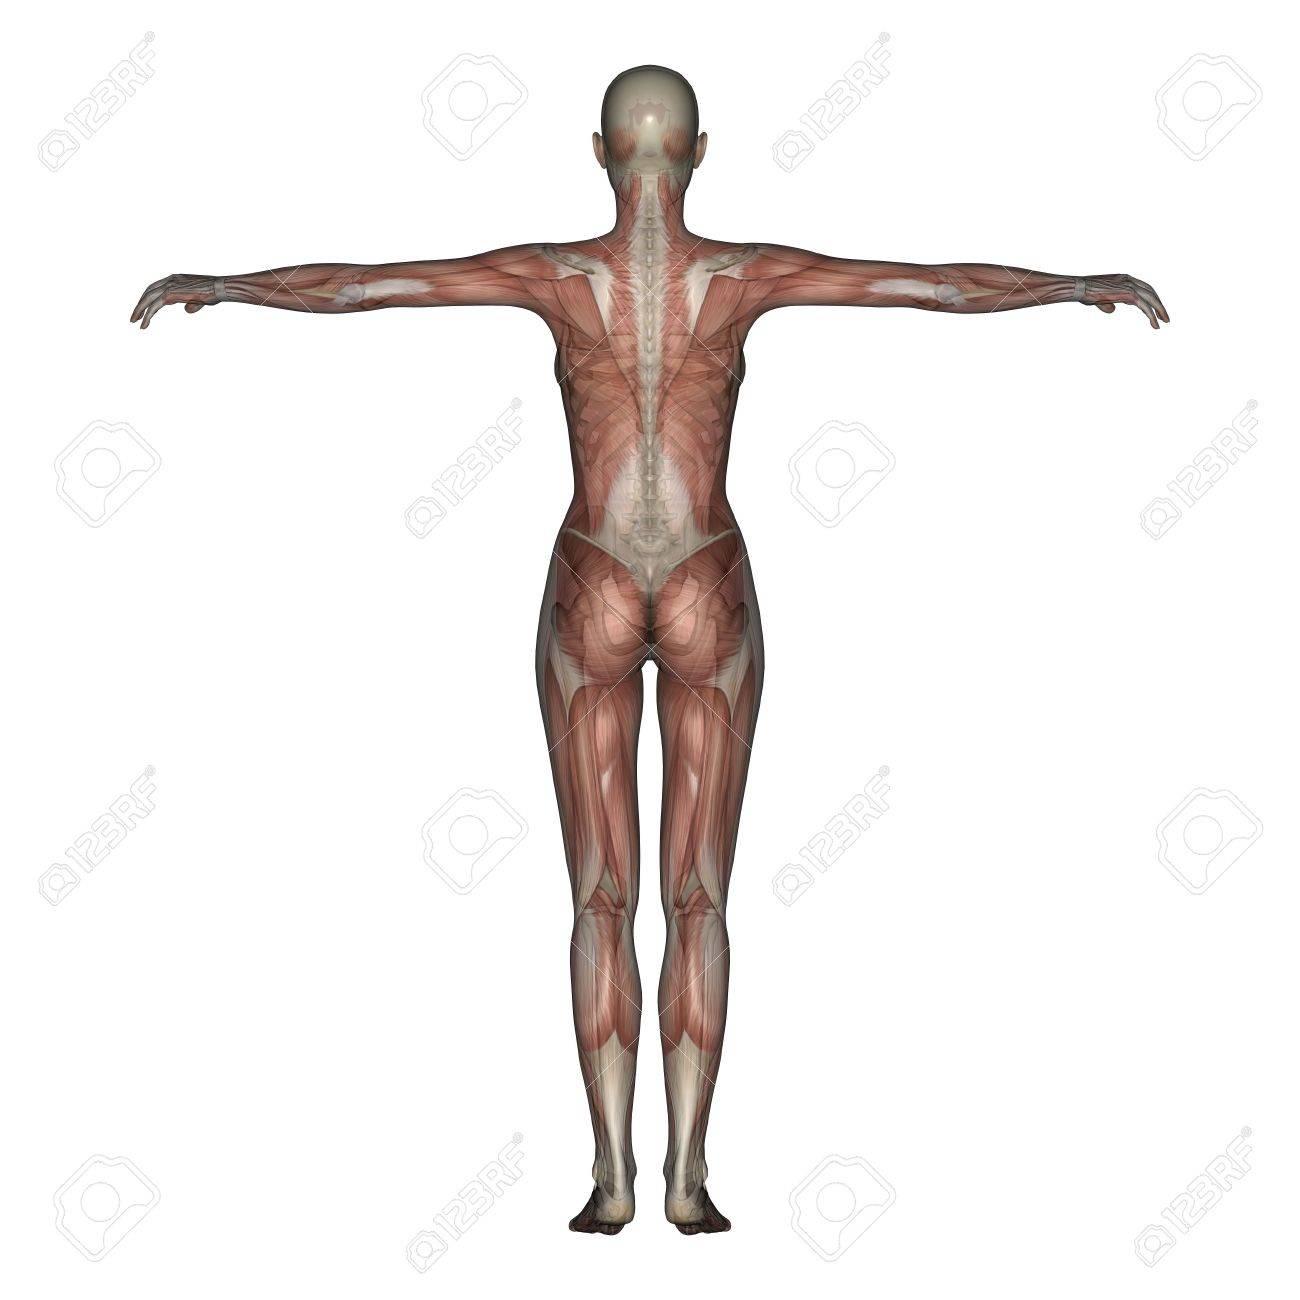 3D Rendern Von Einem Weiblichen Skelett Mit Transparenten Muskeln ...